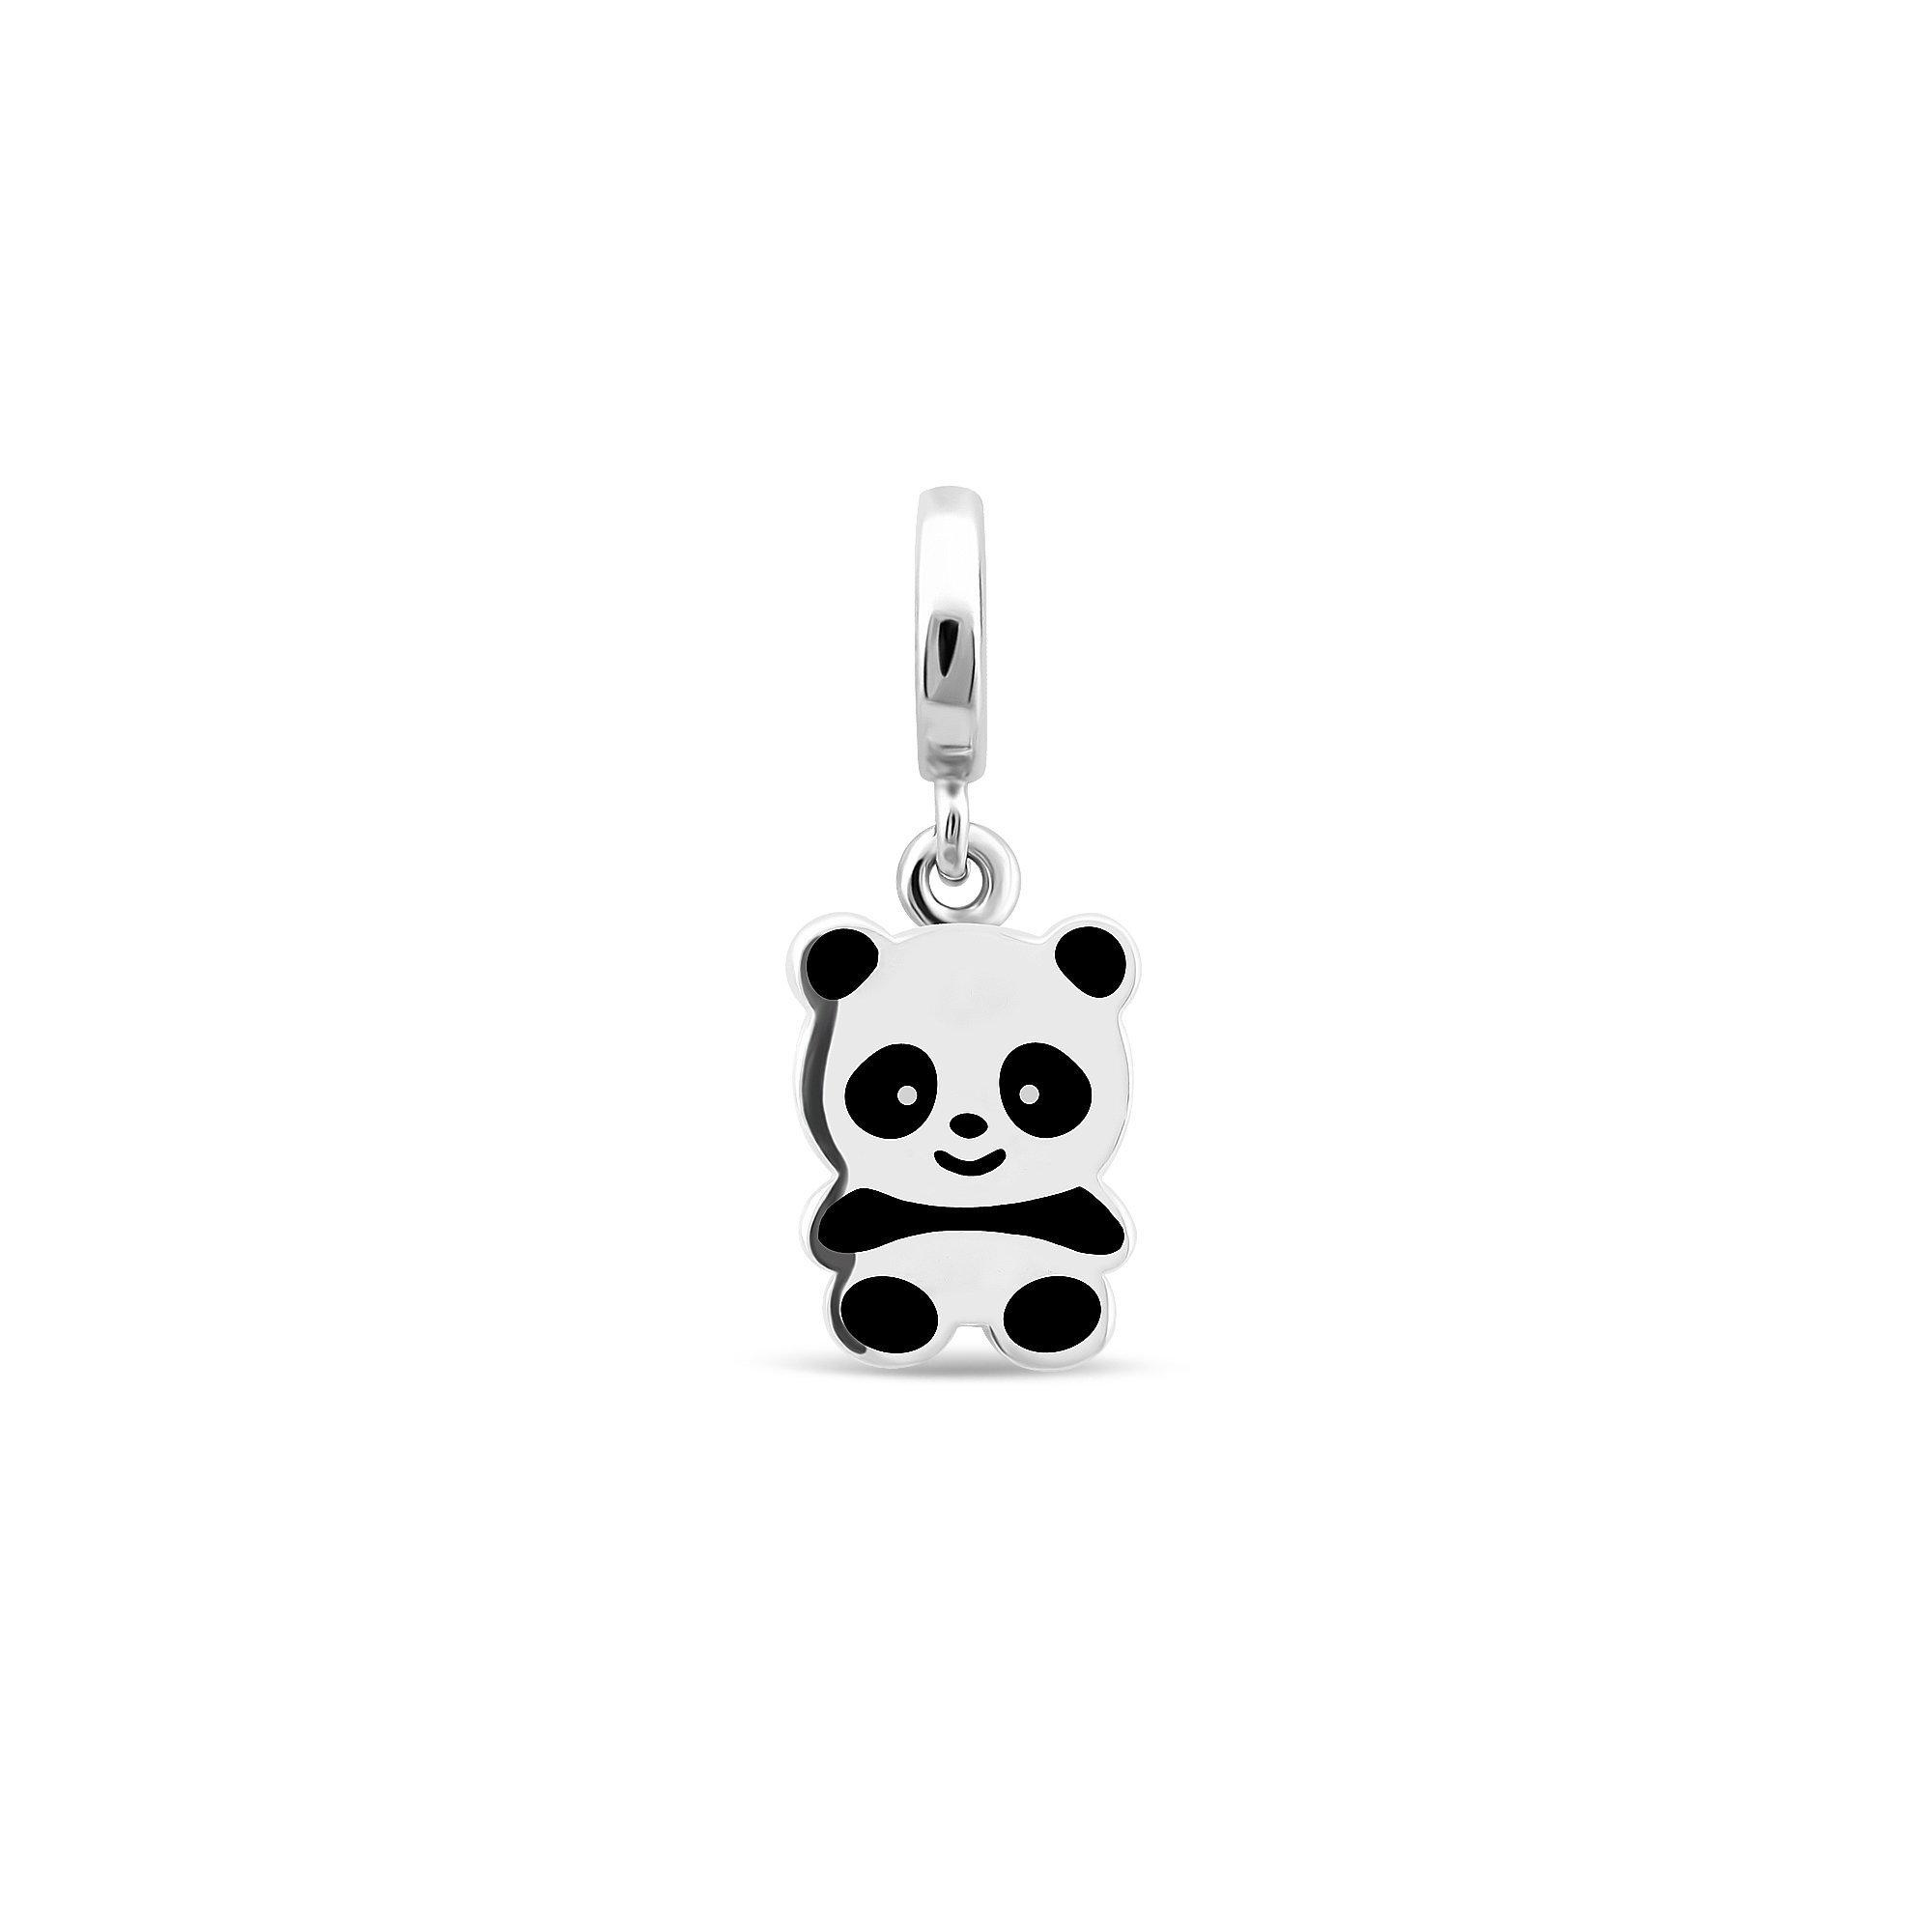 Серебряная подвеска Ми-ми-ми панда с белой и черной эмалью